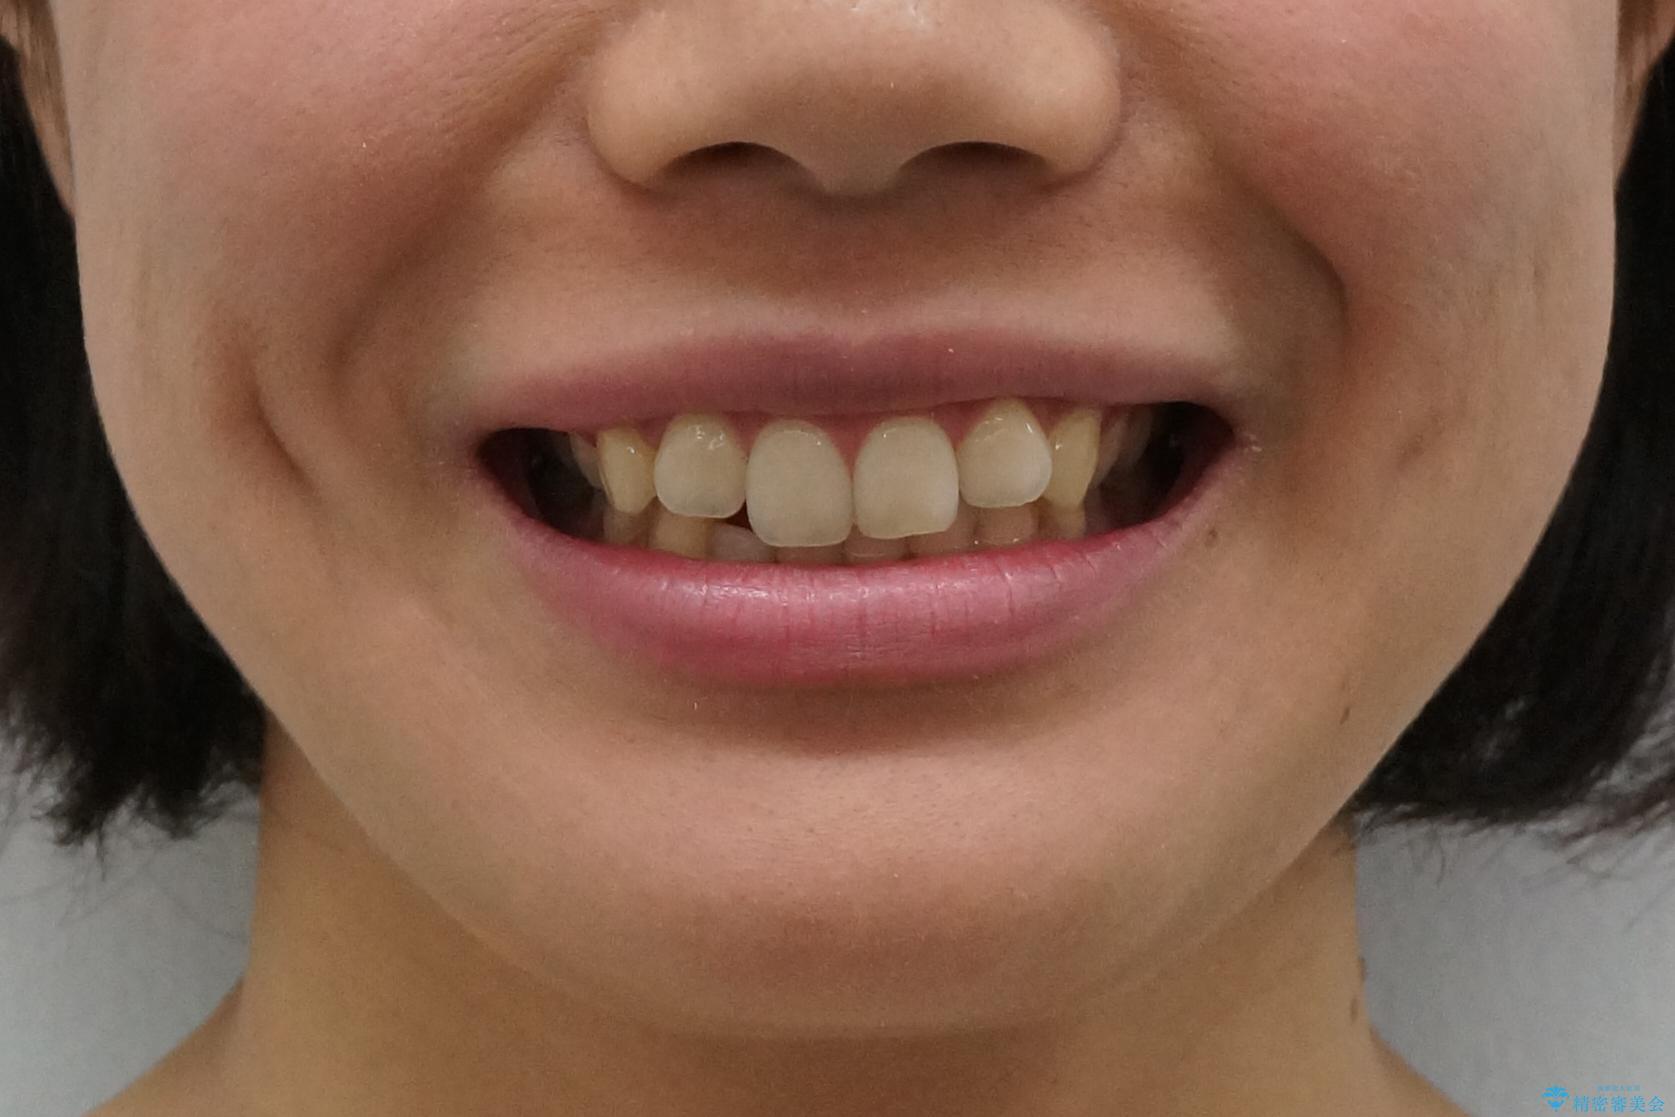 下の前歯が1本短い インビザラインと部分矯正の組み合わせの治療前(顔貌)